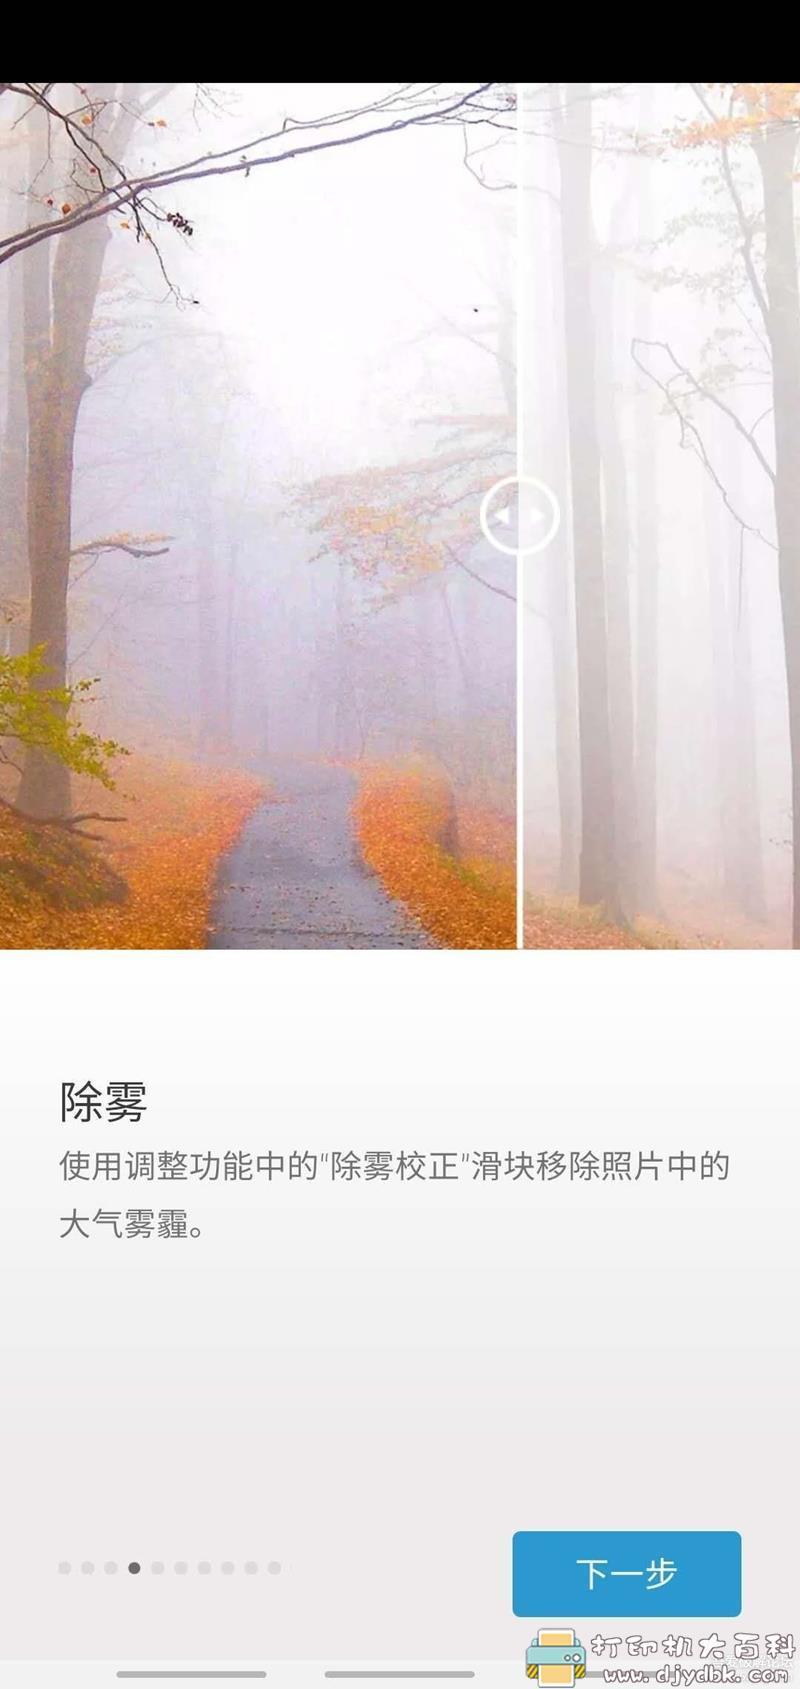 专业修图软件PS手机版:Adobe Photoshop Express特别版 配图 No.4